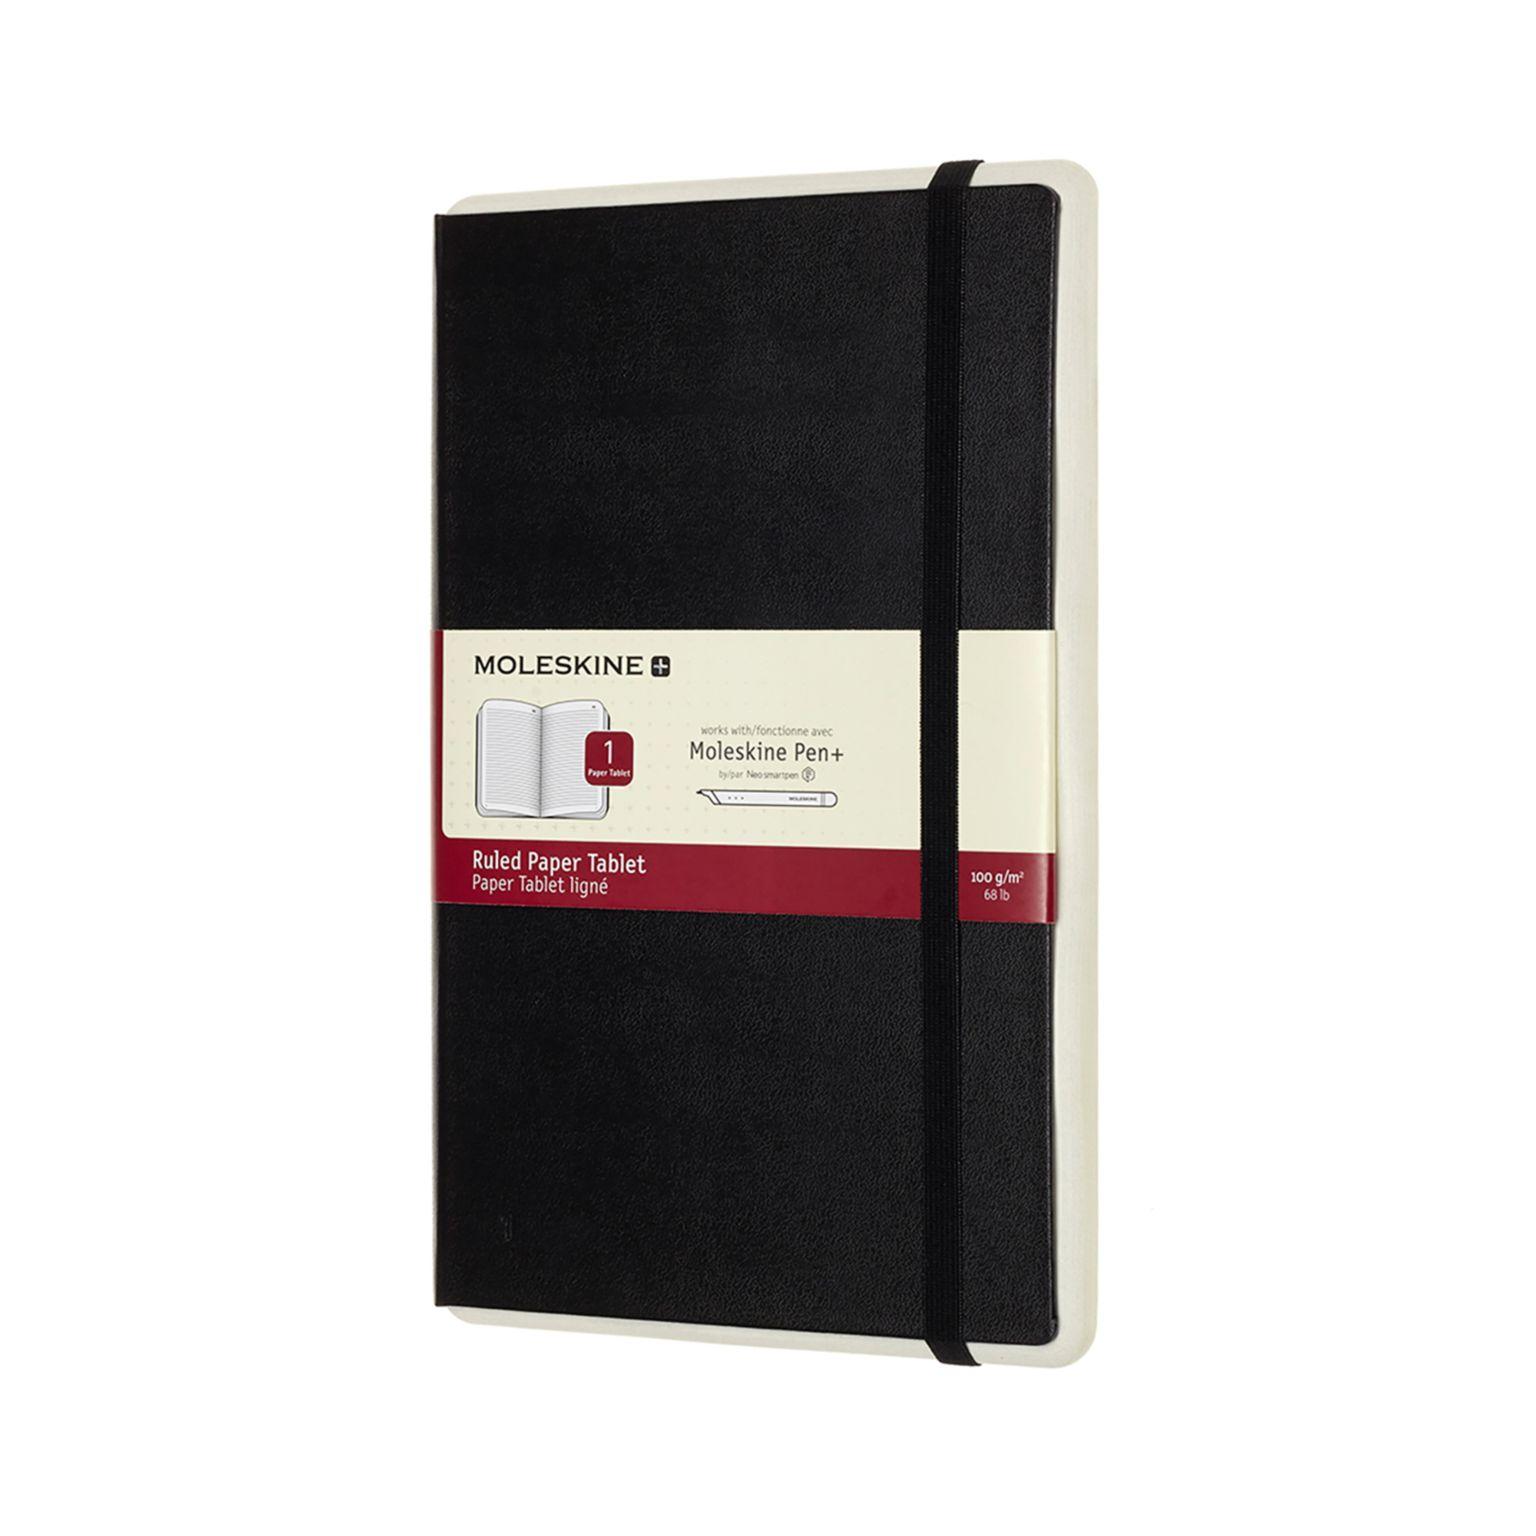 MOLESKINE® | Smart writing set publicitaire personnalisé annecy génève chambéry lyon